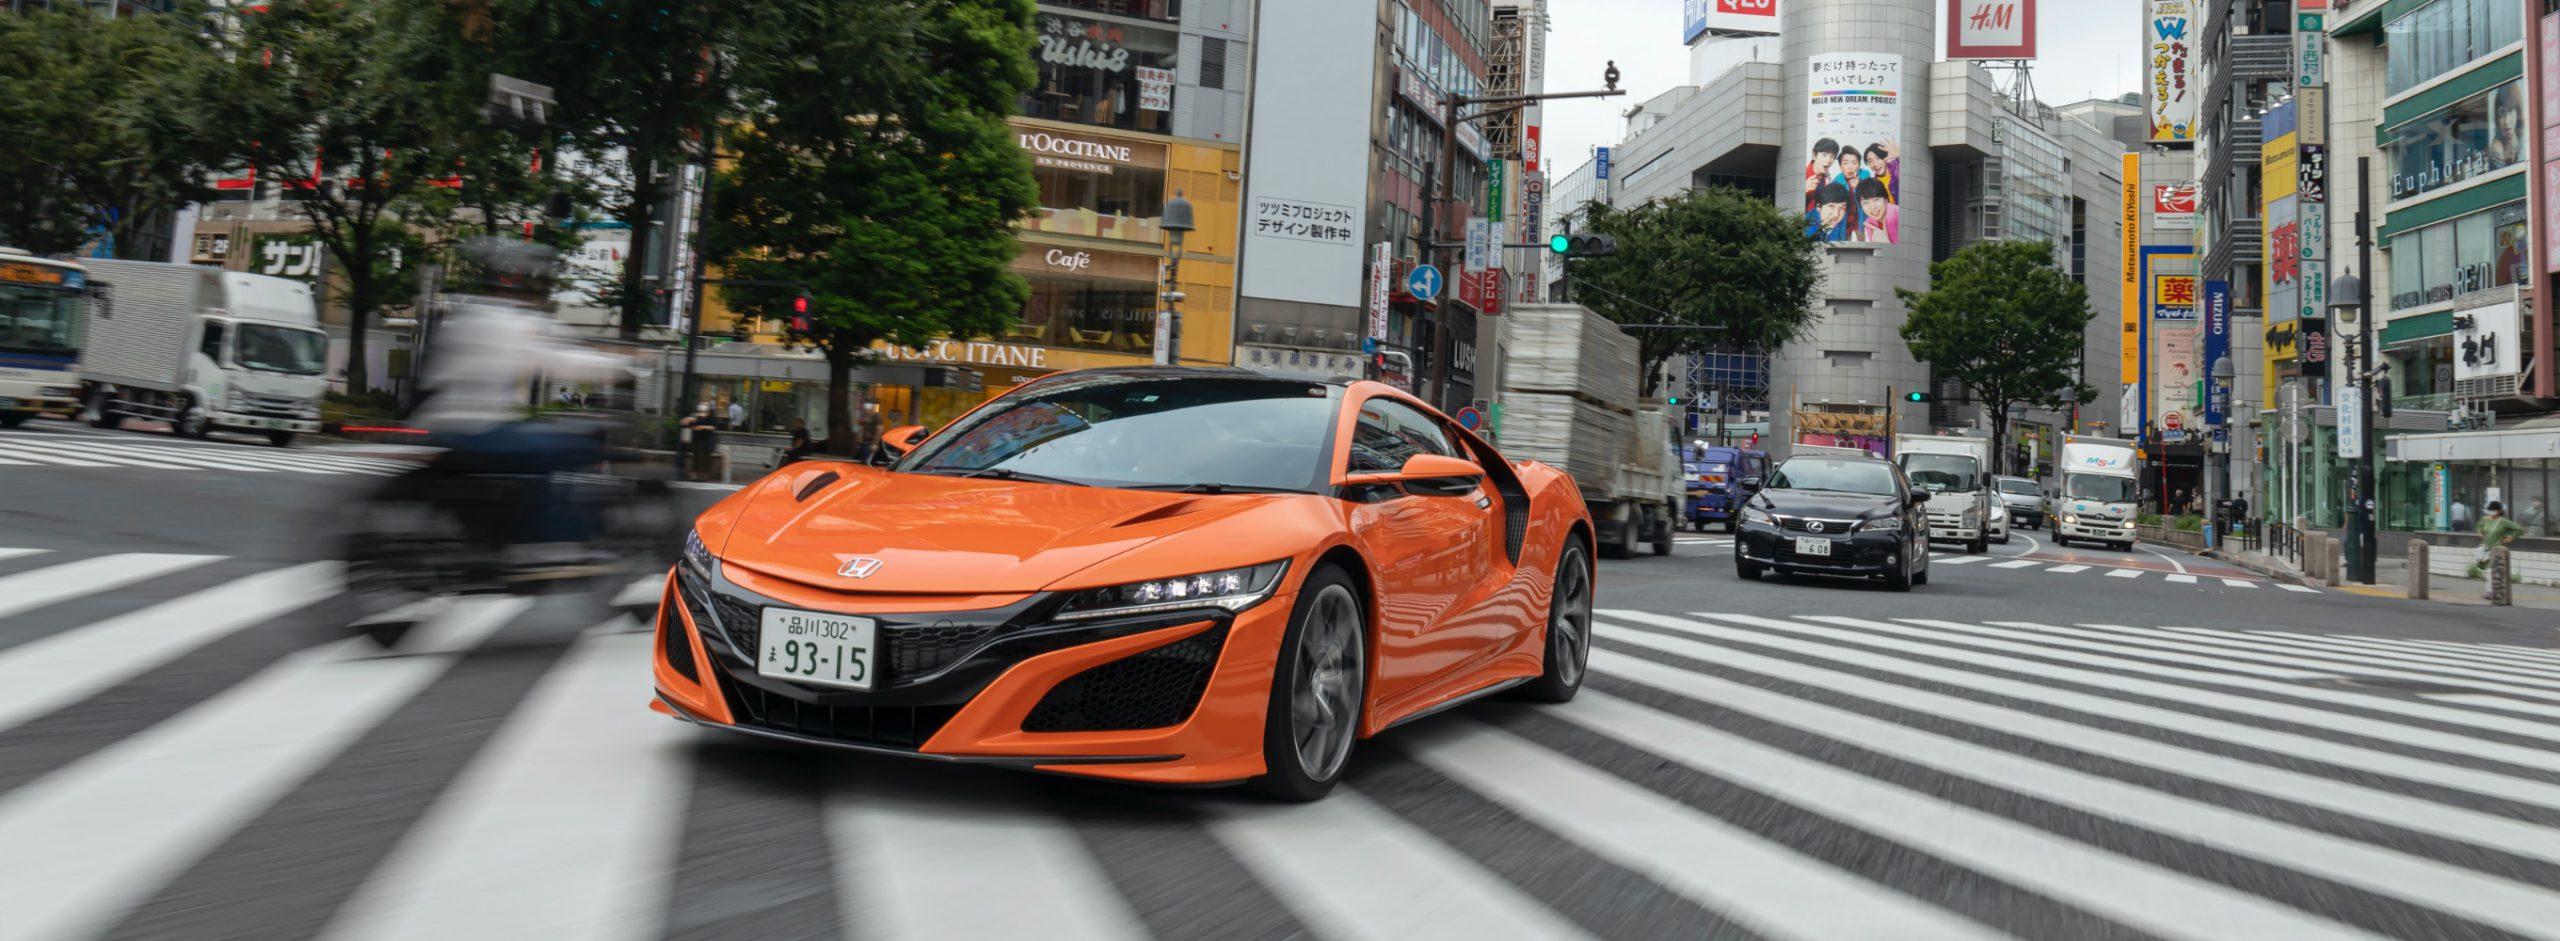 「ホンダ NSX」で進化する渋谷、変わらない渋谷を駆け抜ける